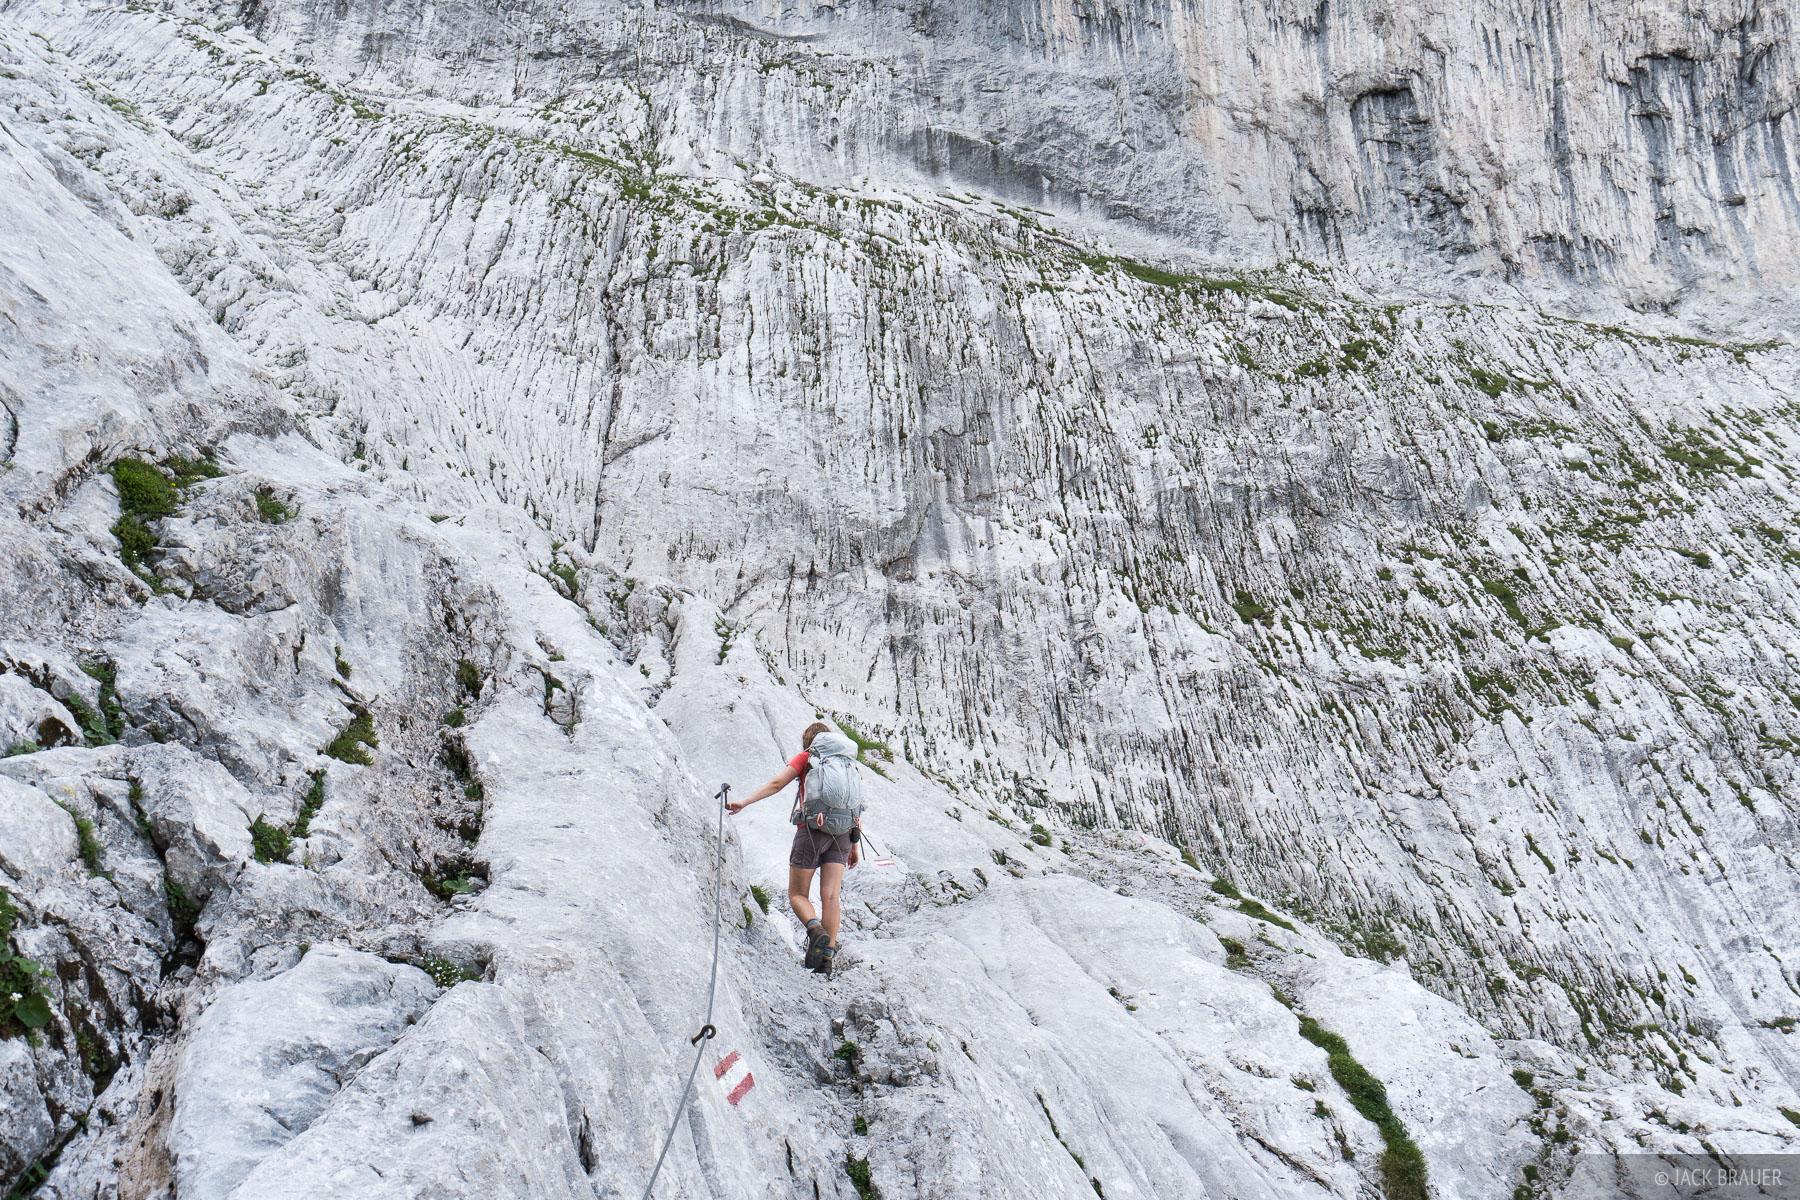 Austria, Eggersteig, Kaisergebirge, Wilder Kaiser, klettersteig, photo